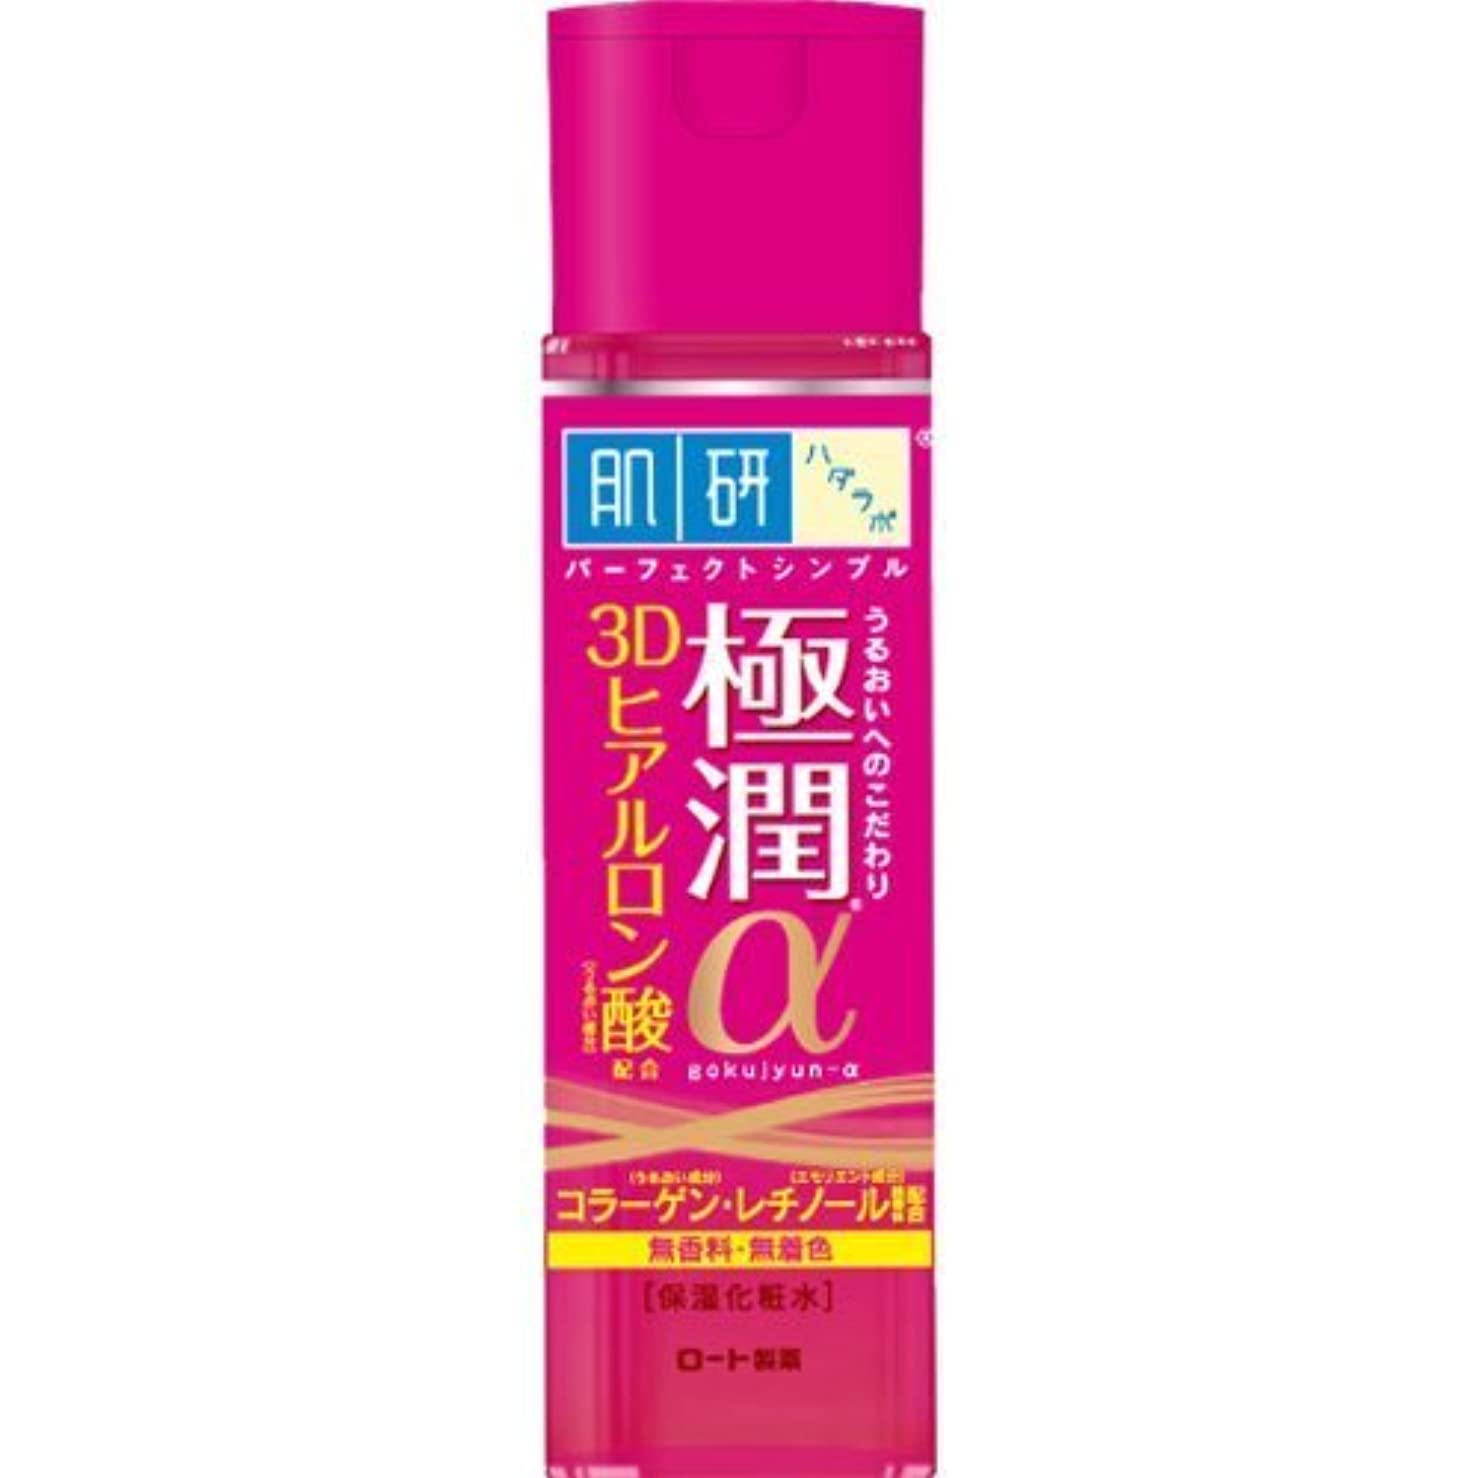 肌研(ハダラボ) 極潤α化粧水 170mL